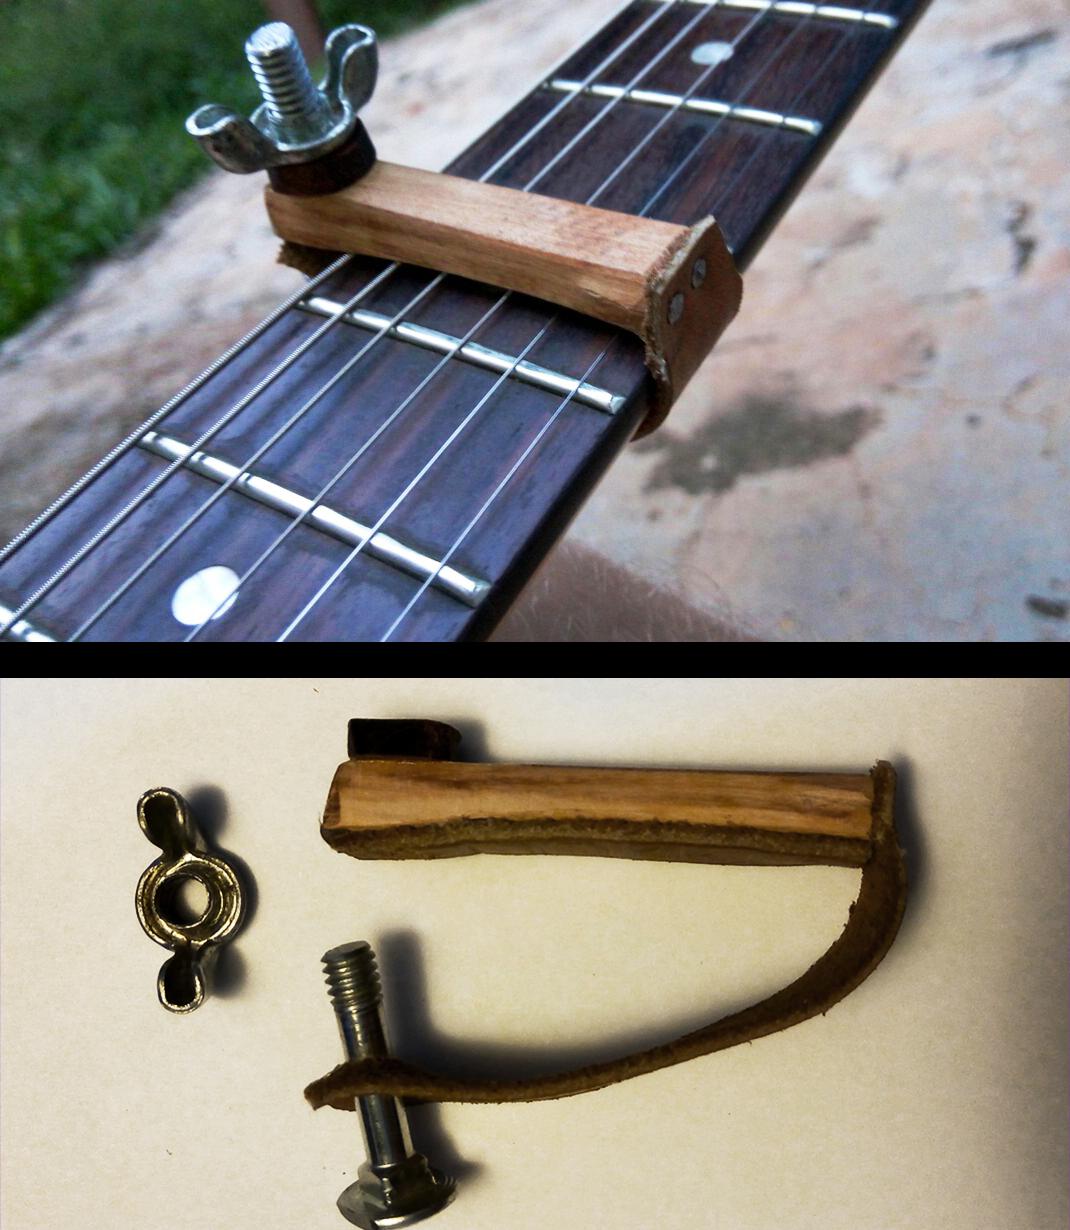 Capotraste Guitar Capo Handmade Feito Com Madeira E Couro